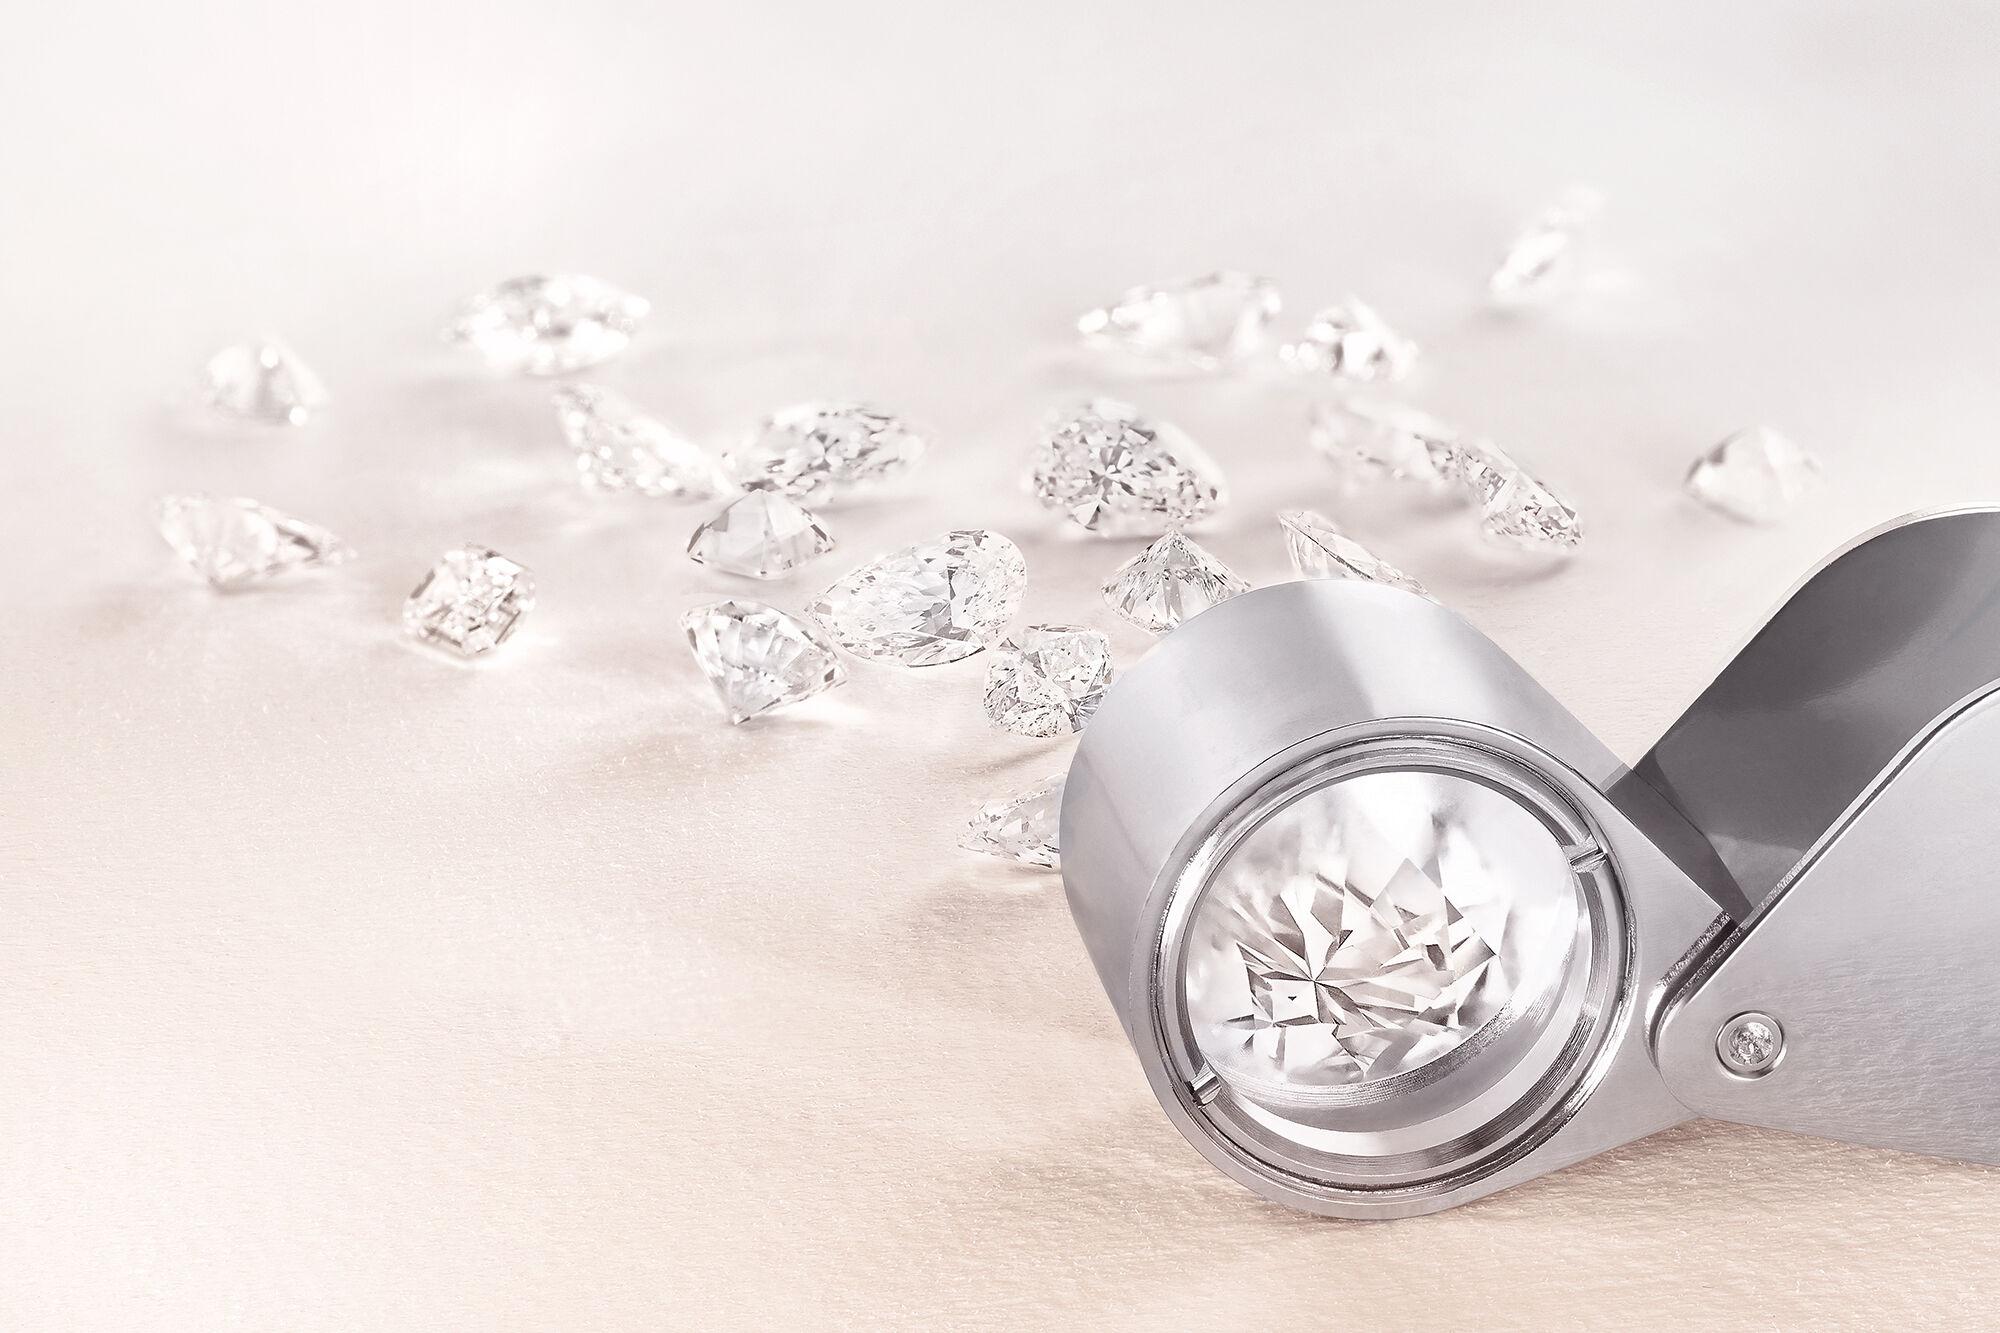 Close up of Graff diamonds and a loupe